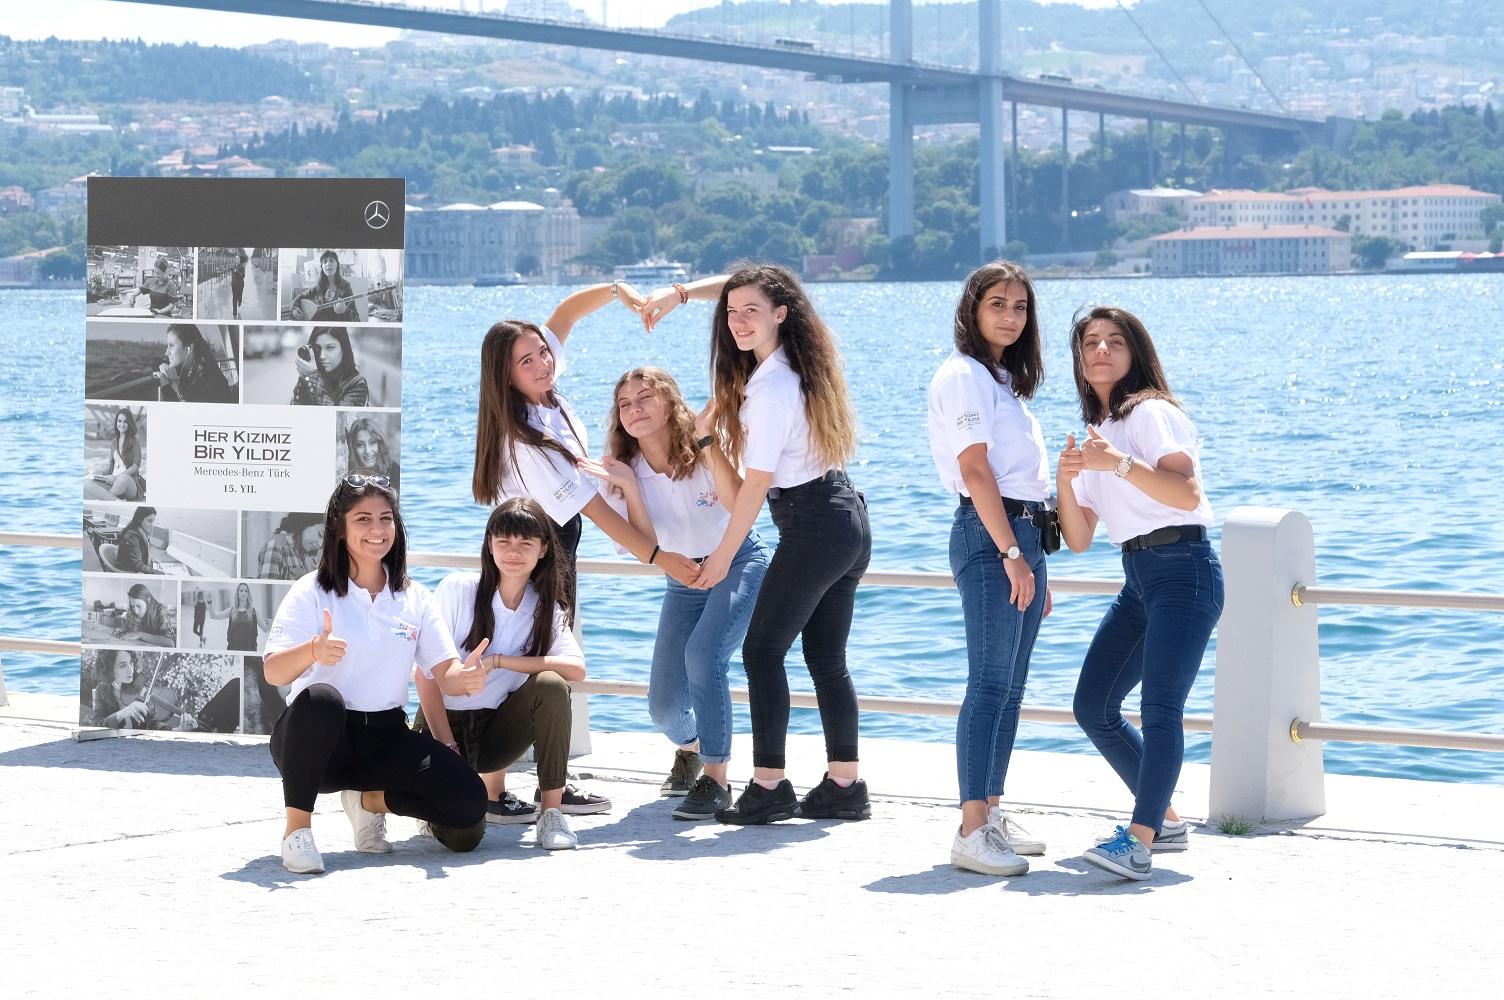 her-kizimiz-bir-yildiz-projesi-istanbul-ziyareti-2019.jpg